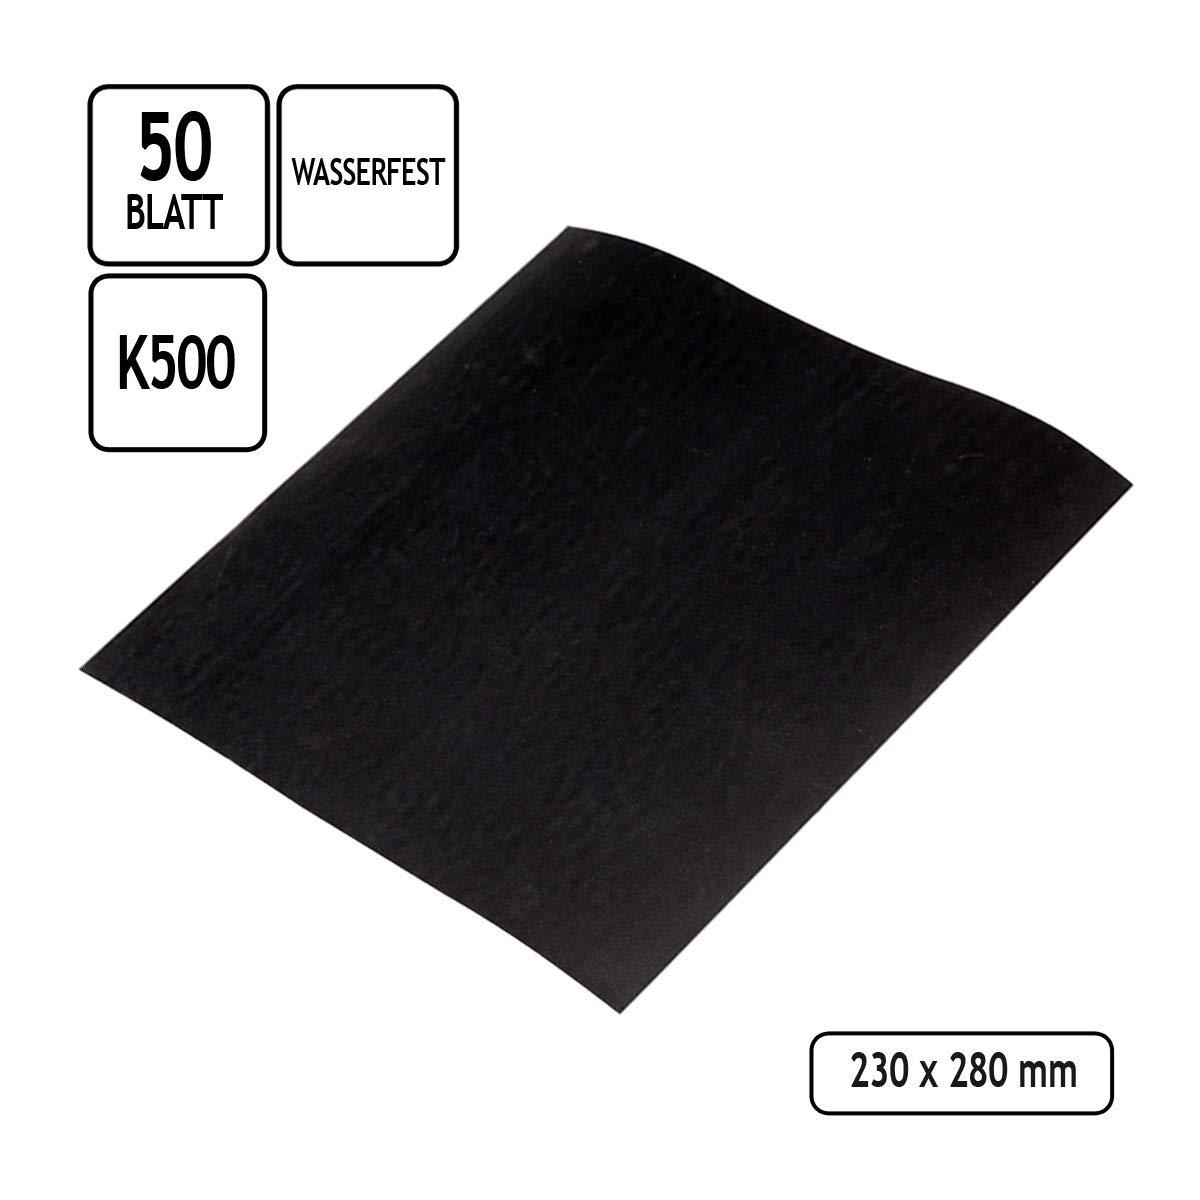 50 Blatt Schleifpapier wasserfest Korn 500 Nassschleifpapier Schleifbogen